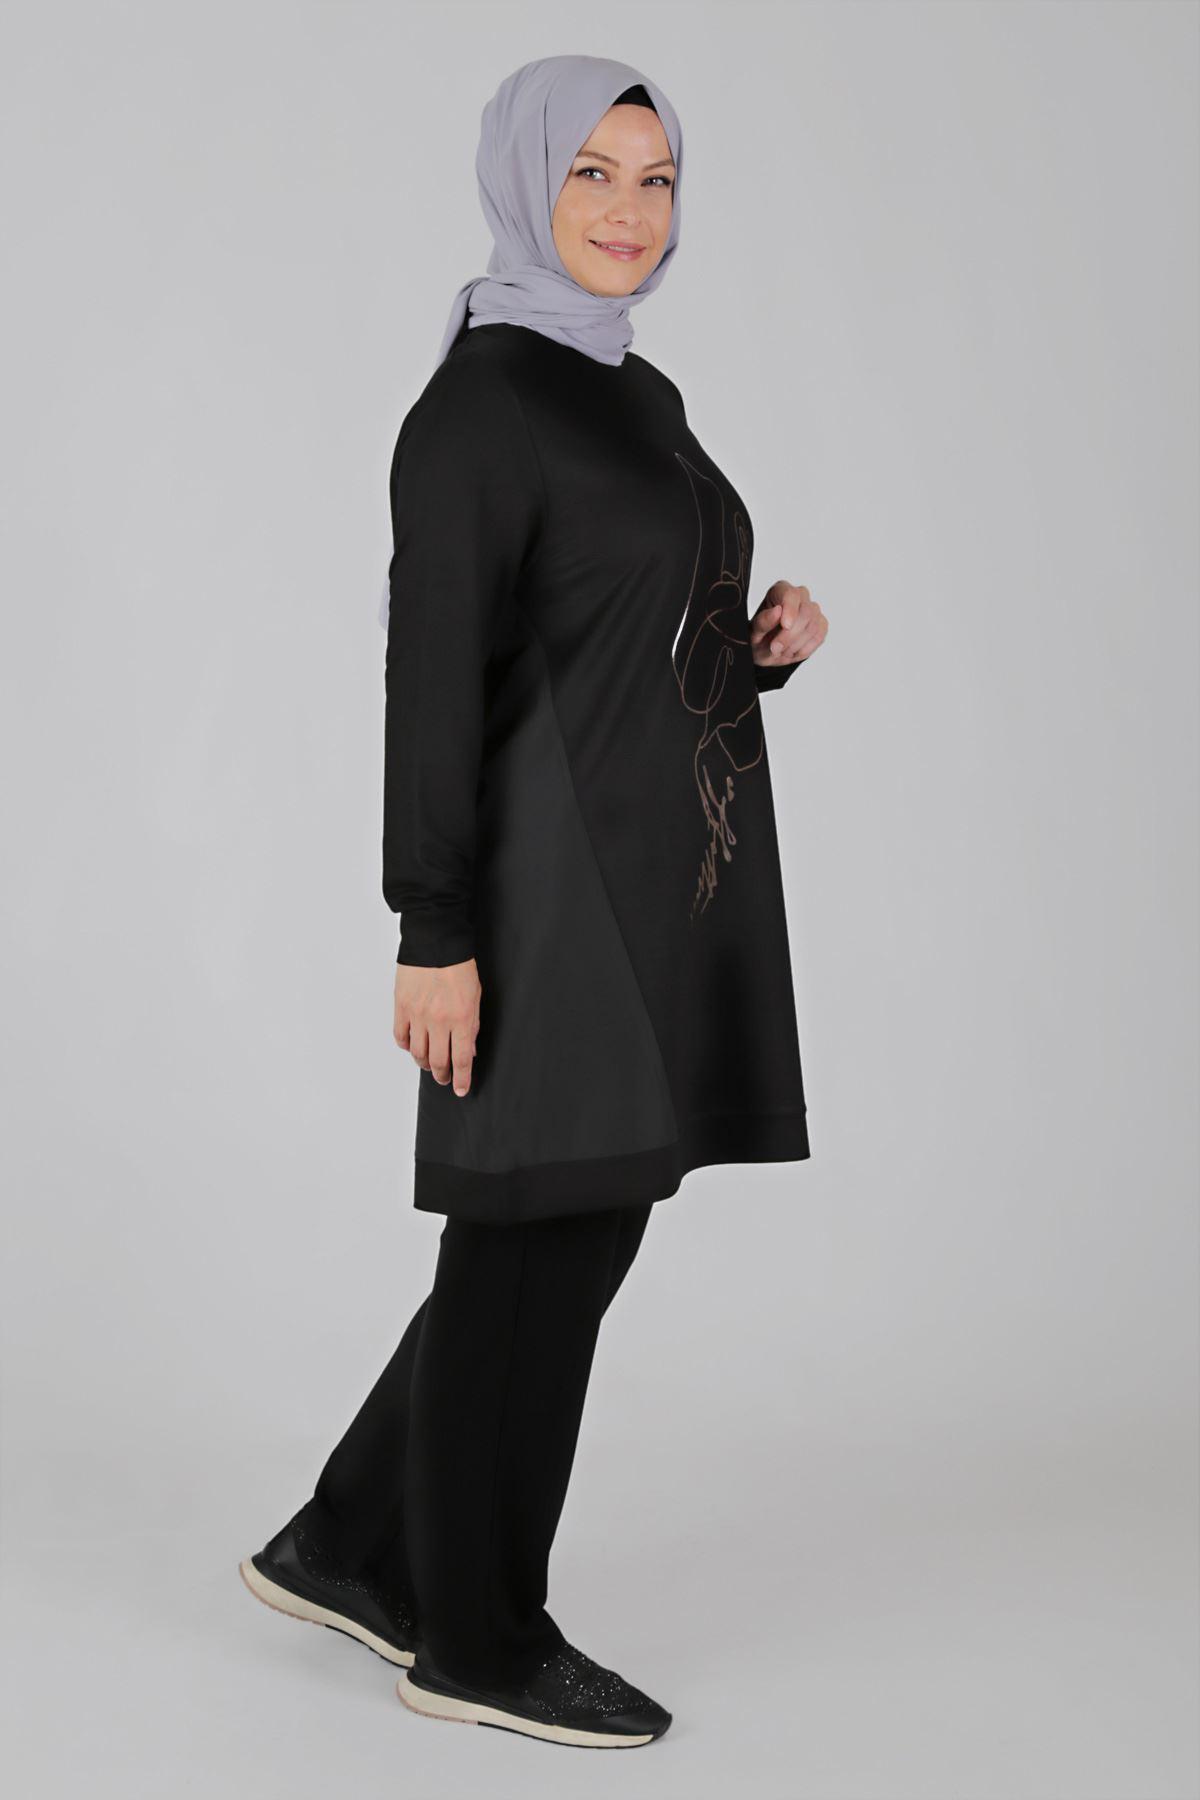 Büyük Beden Tesettür Pantolonlu Takım 35047 Siyah